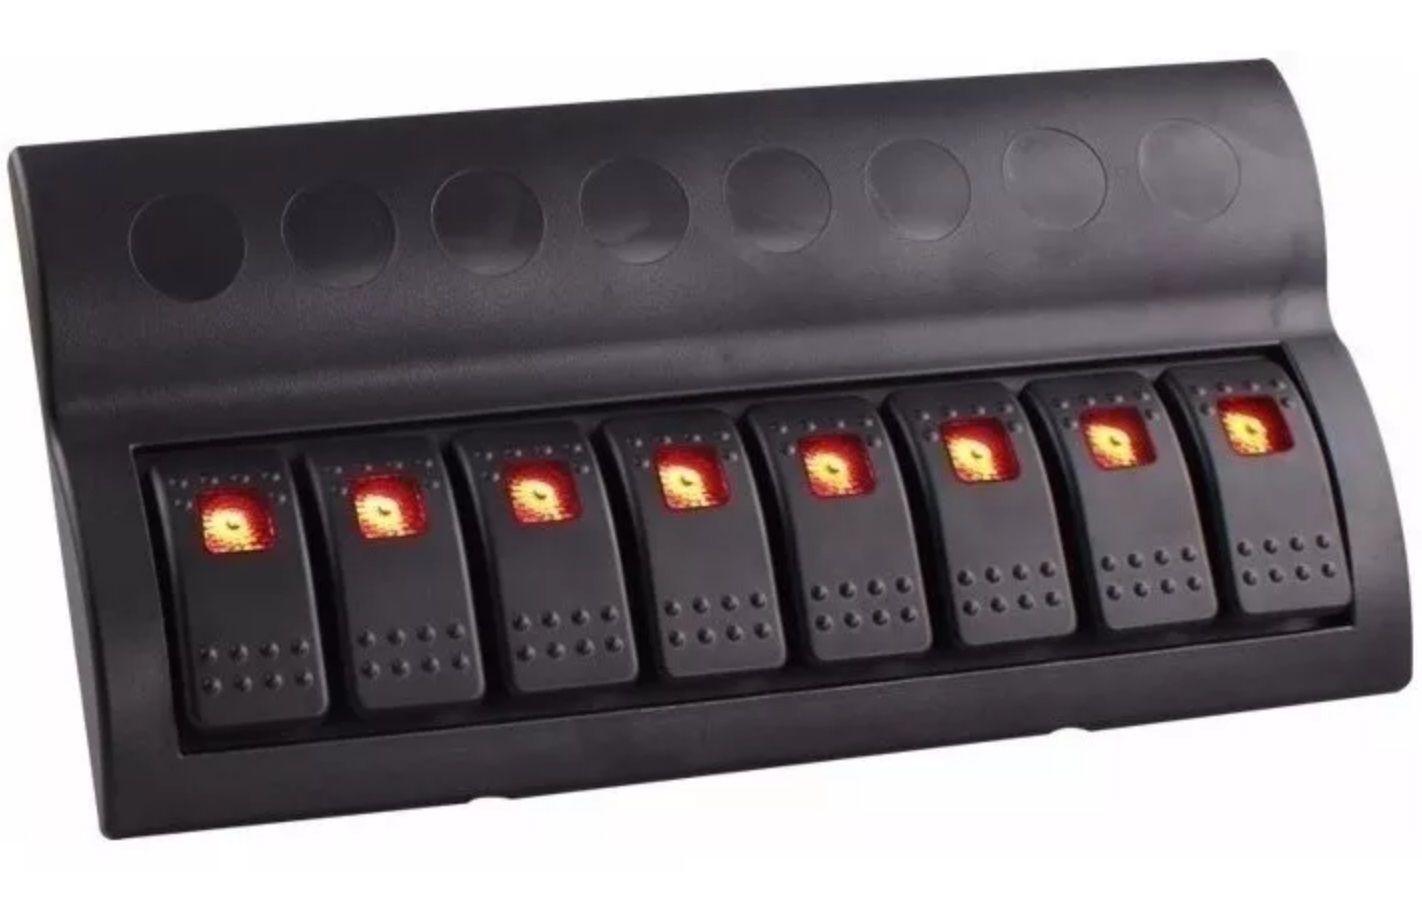 Painel Elétrico Náutico com 8 Botões com LED e Fusíveis 12V / 24V para Barcos e Lanchas